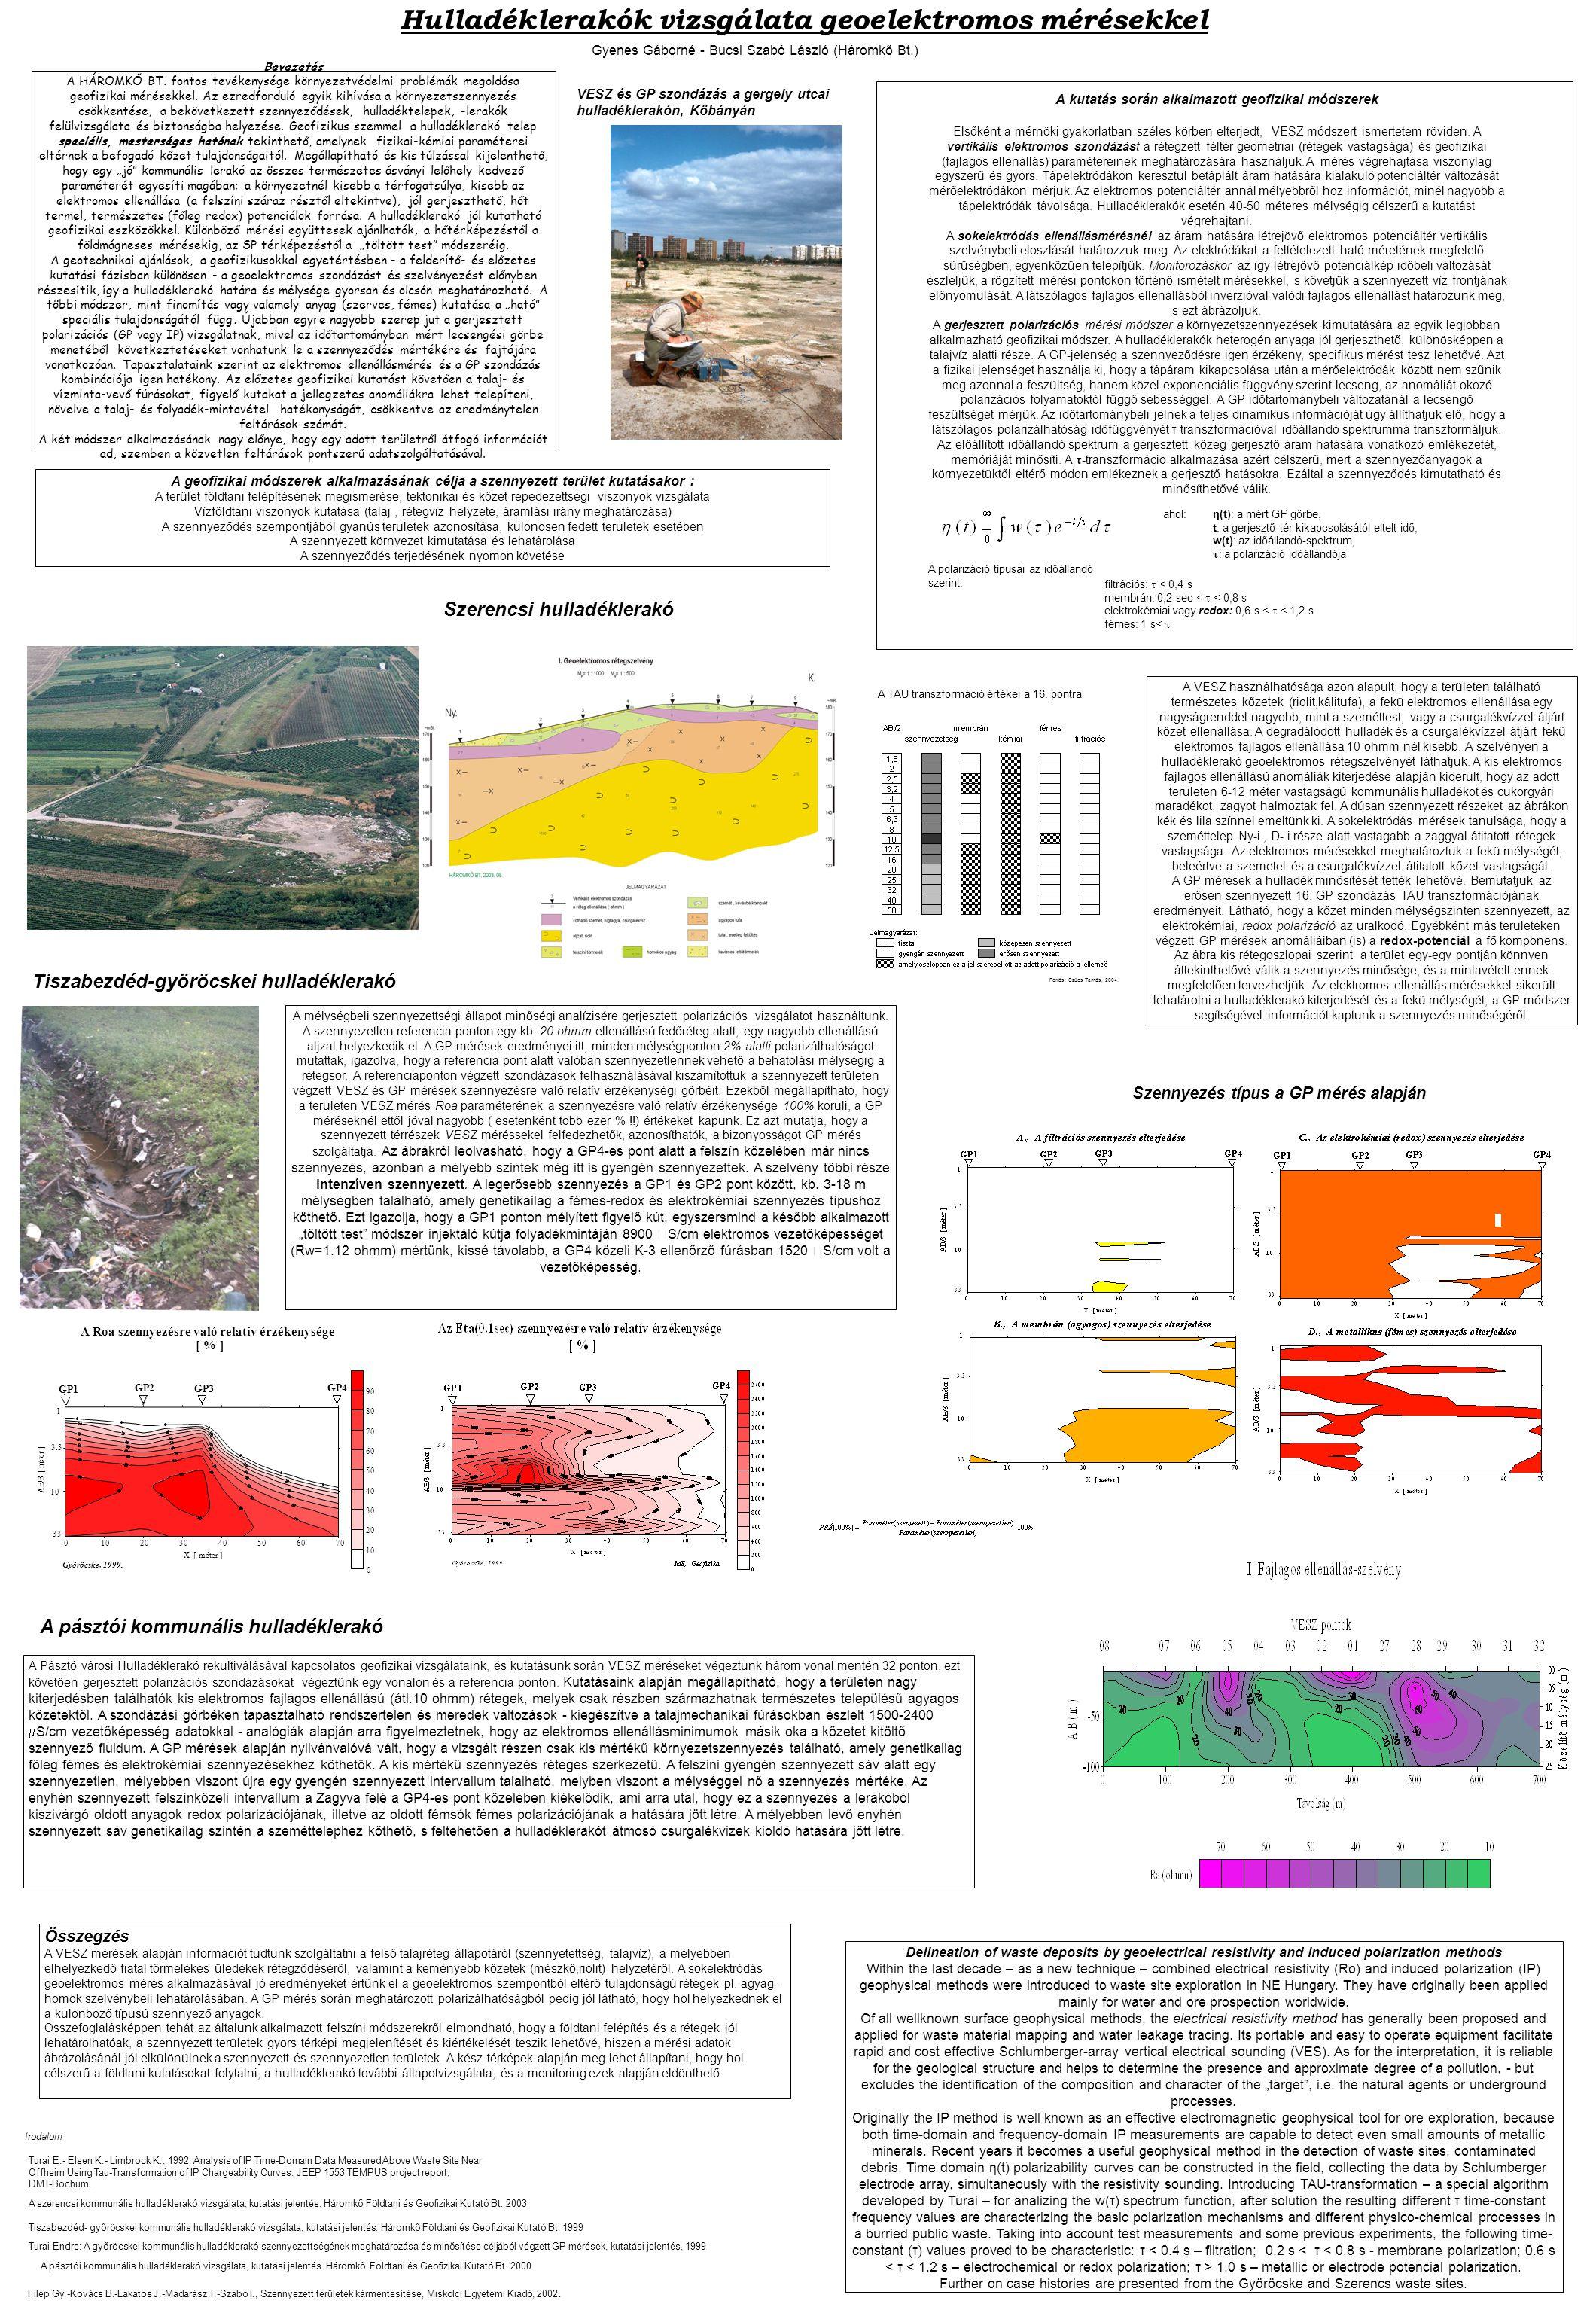 Hulladéklerakók vizsgálata geoelektromos mérésekkel Bevezetés A HÁROMKŐ BT. fontos tevékenysége környezetvédelmi problémák megoldása geofizikai mérése